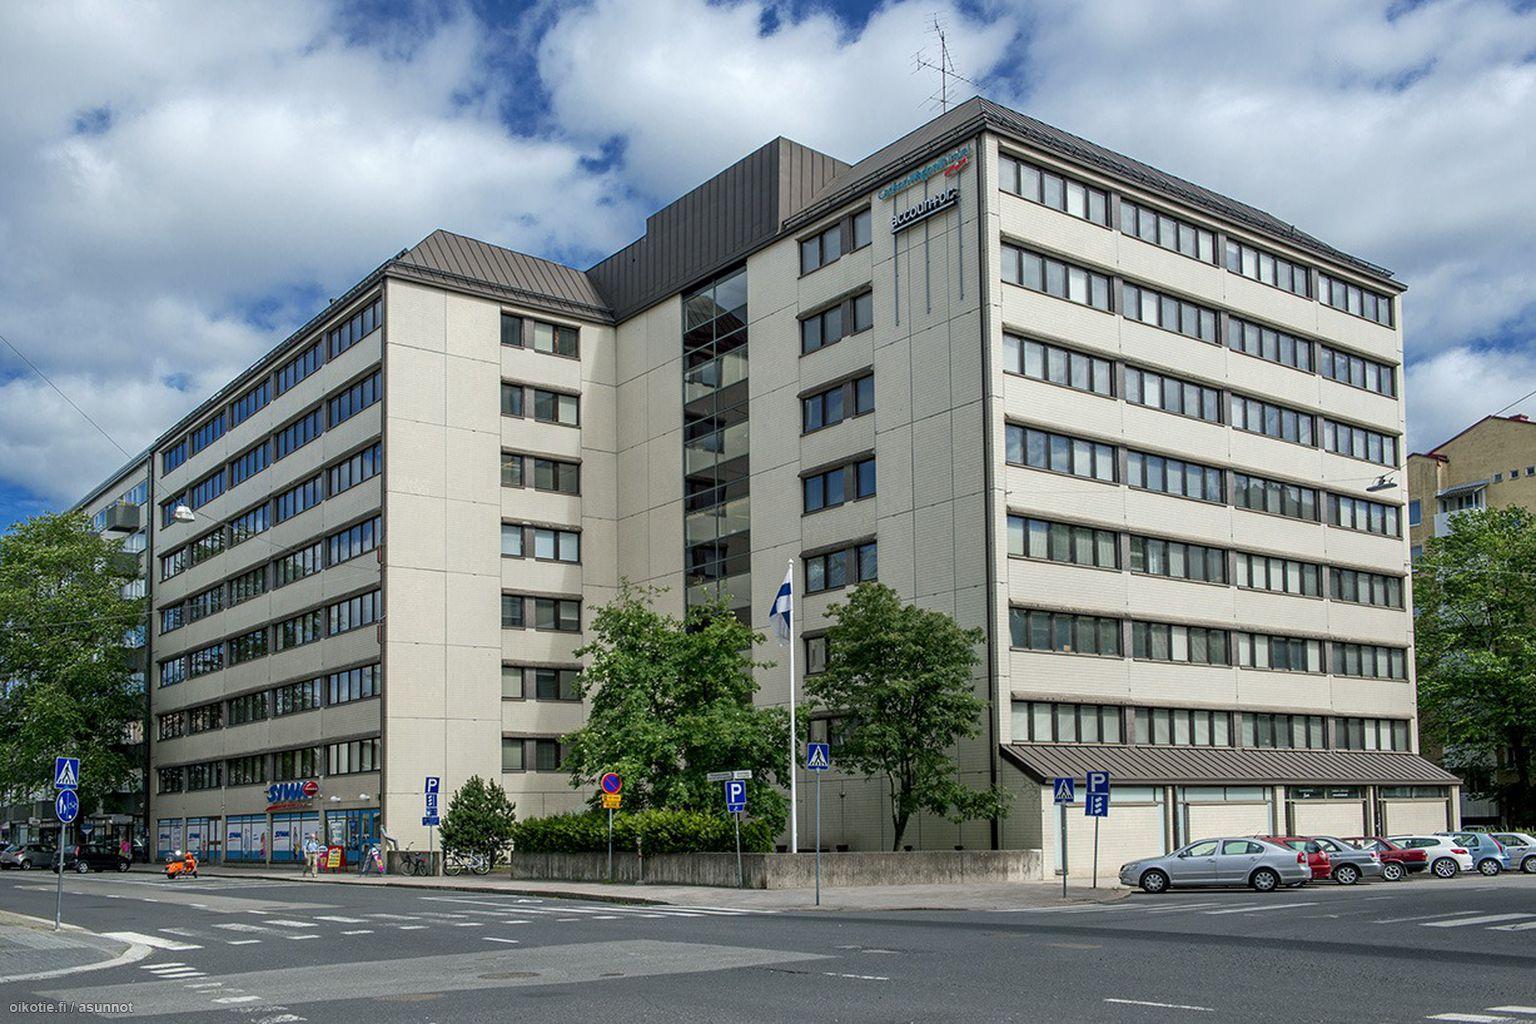 15 m² Yliopistonkatu 34, 20100 Turku Toimistotila vuokrattavana - Oikotie 13516195